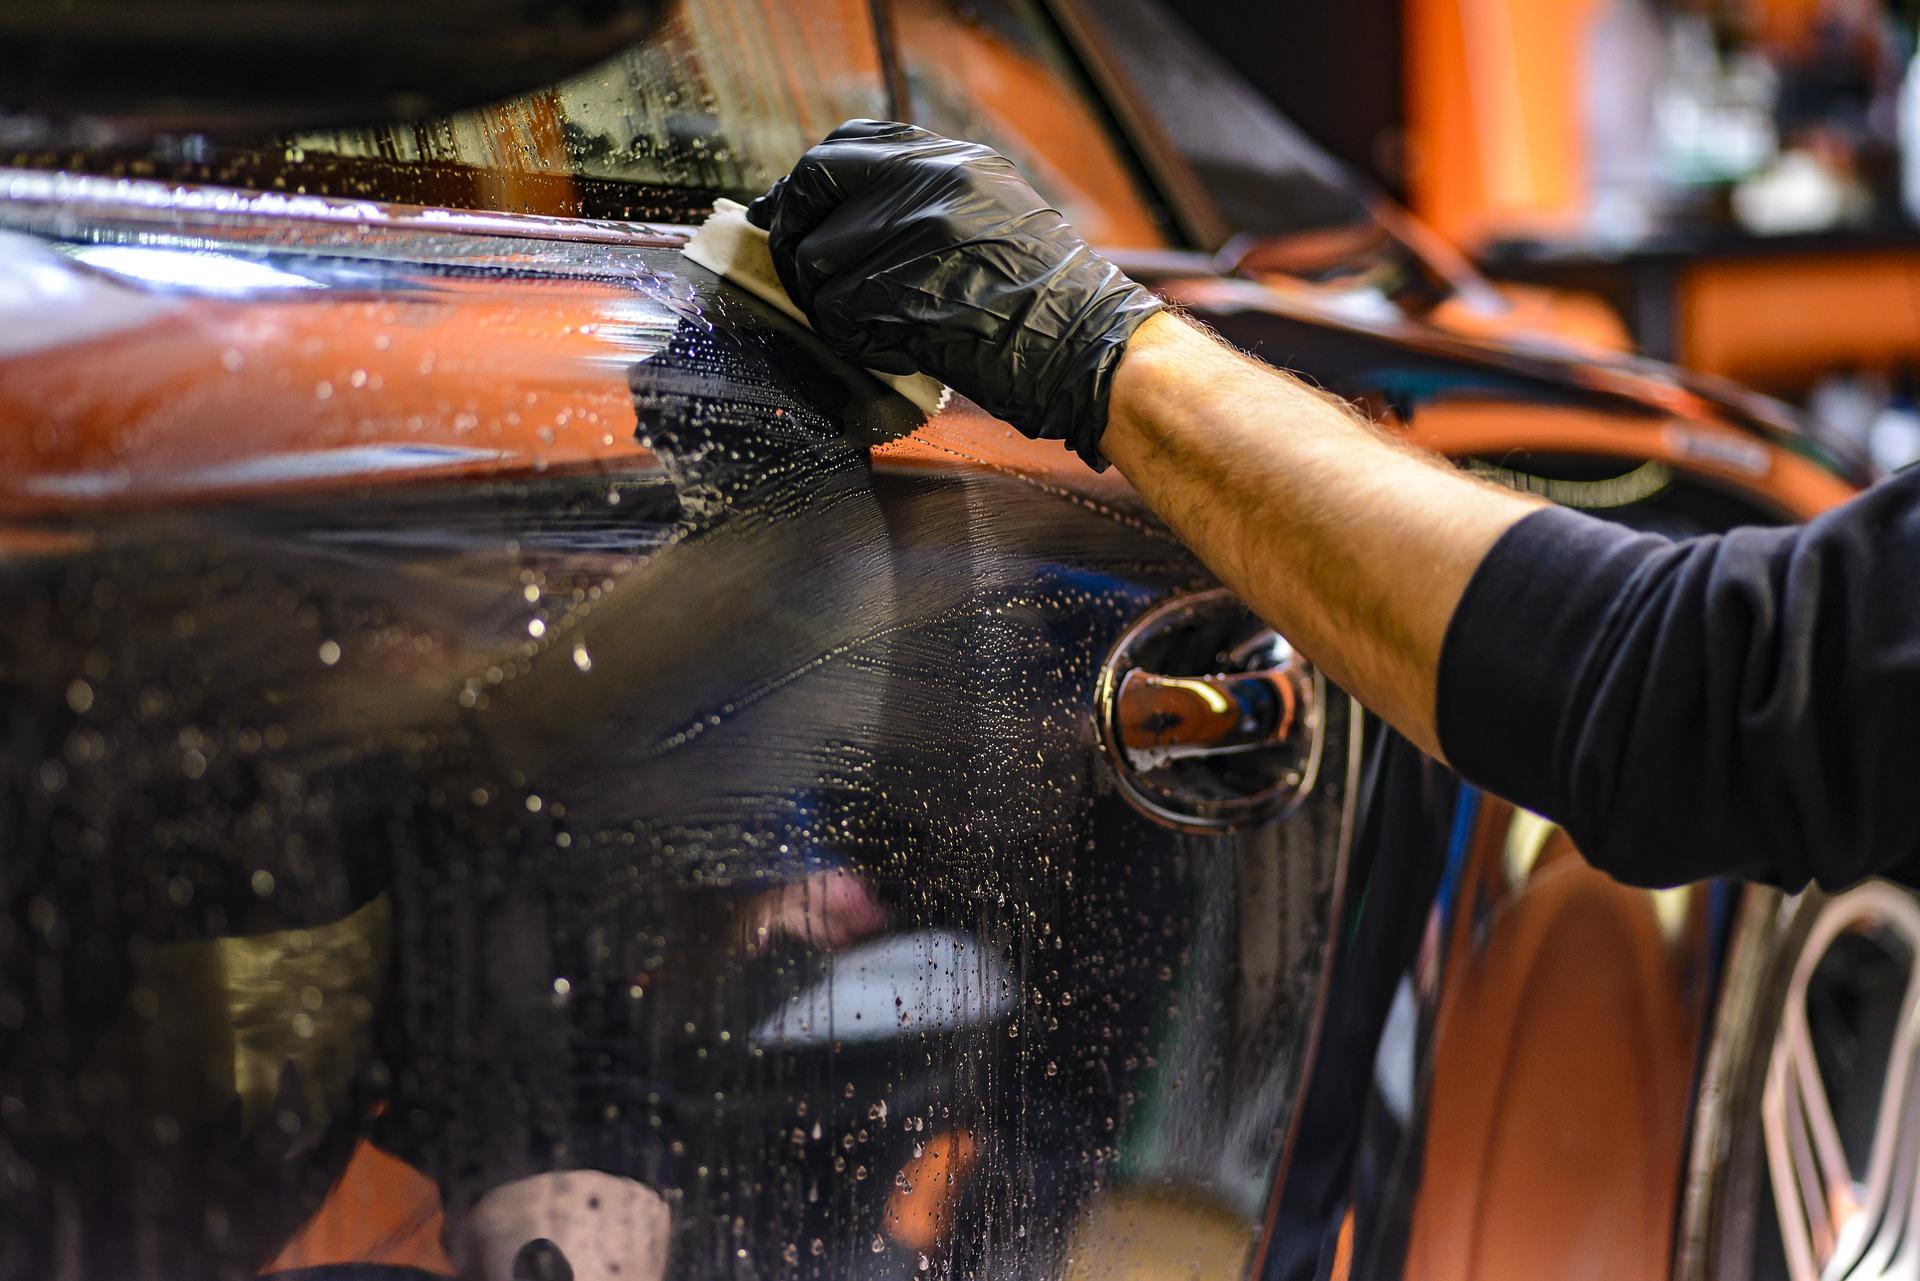 24-01 Prevención de Riesgos Laborales específico de taller de reparación de vehículos